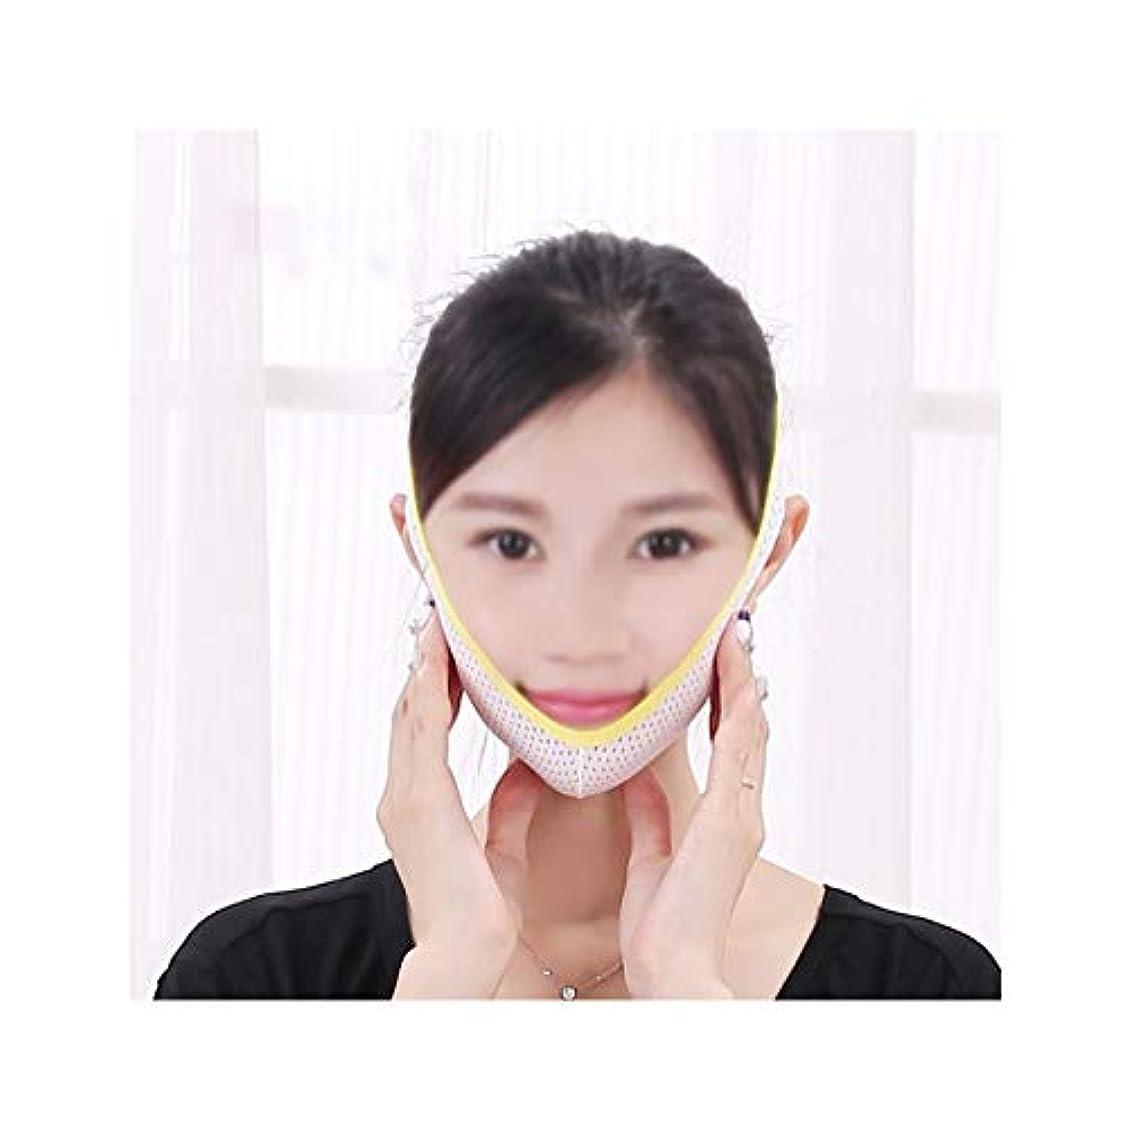 GLJJQMY 痩身ベルトマスクV顔アーティファクト男性と女性の通気性の強力なフェイス包帯Vフェイスアーティファクトリフティング引き締め顔薄い顔ダブルあご顔ツール 顔用整形マスク (Size : M)